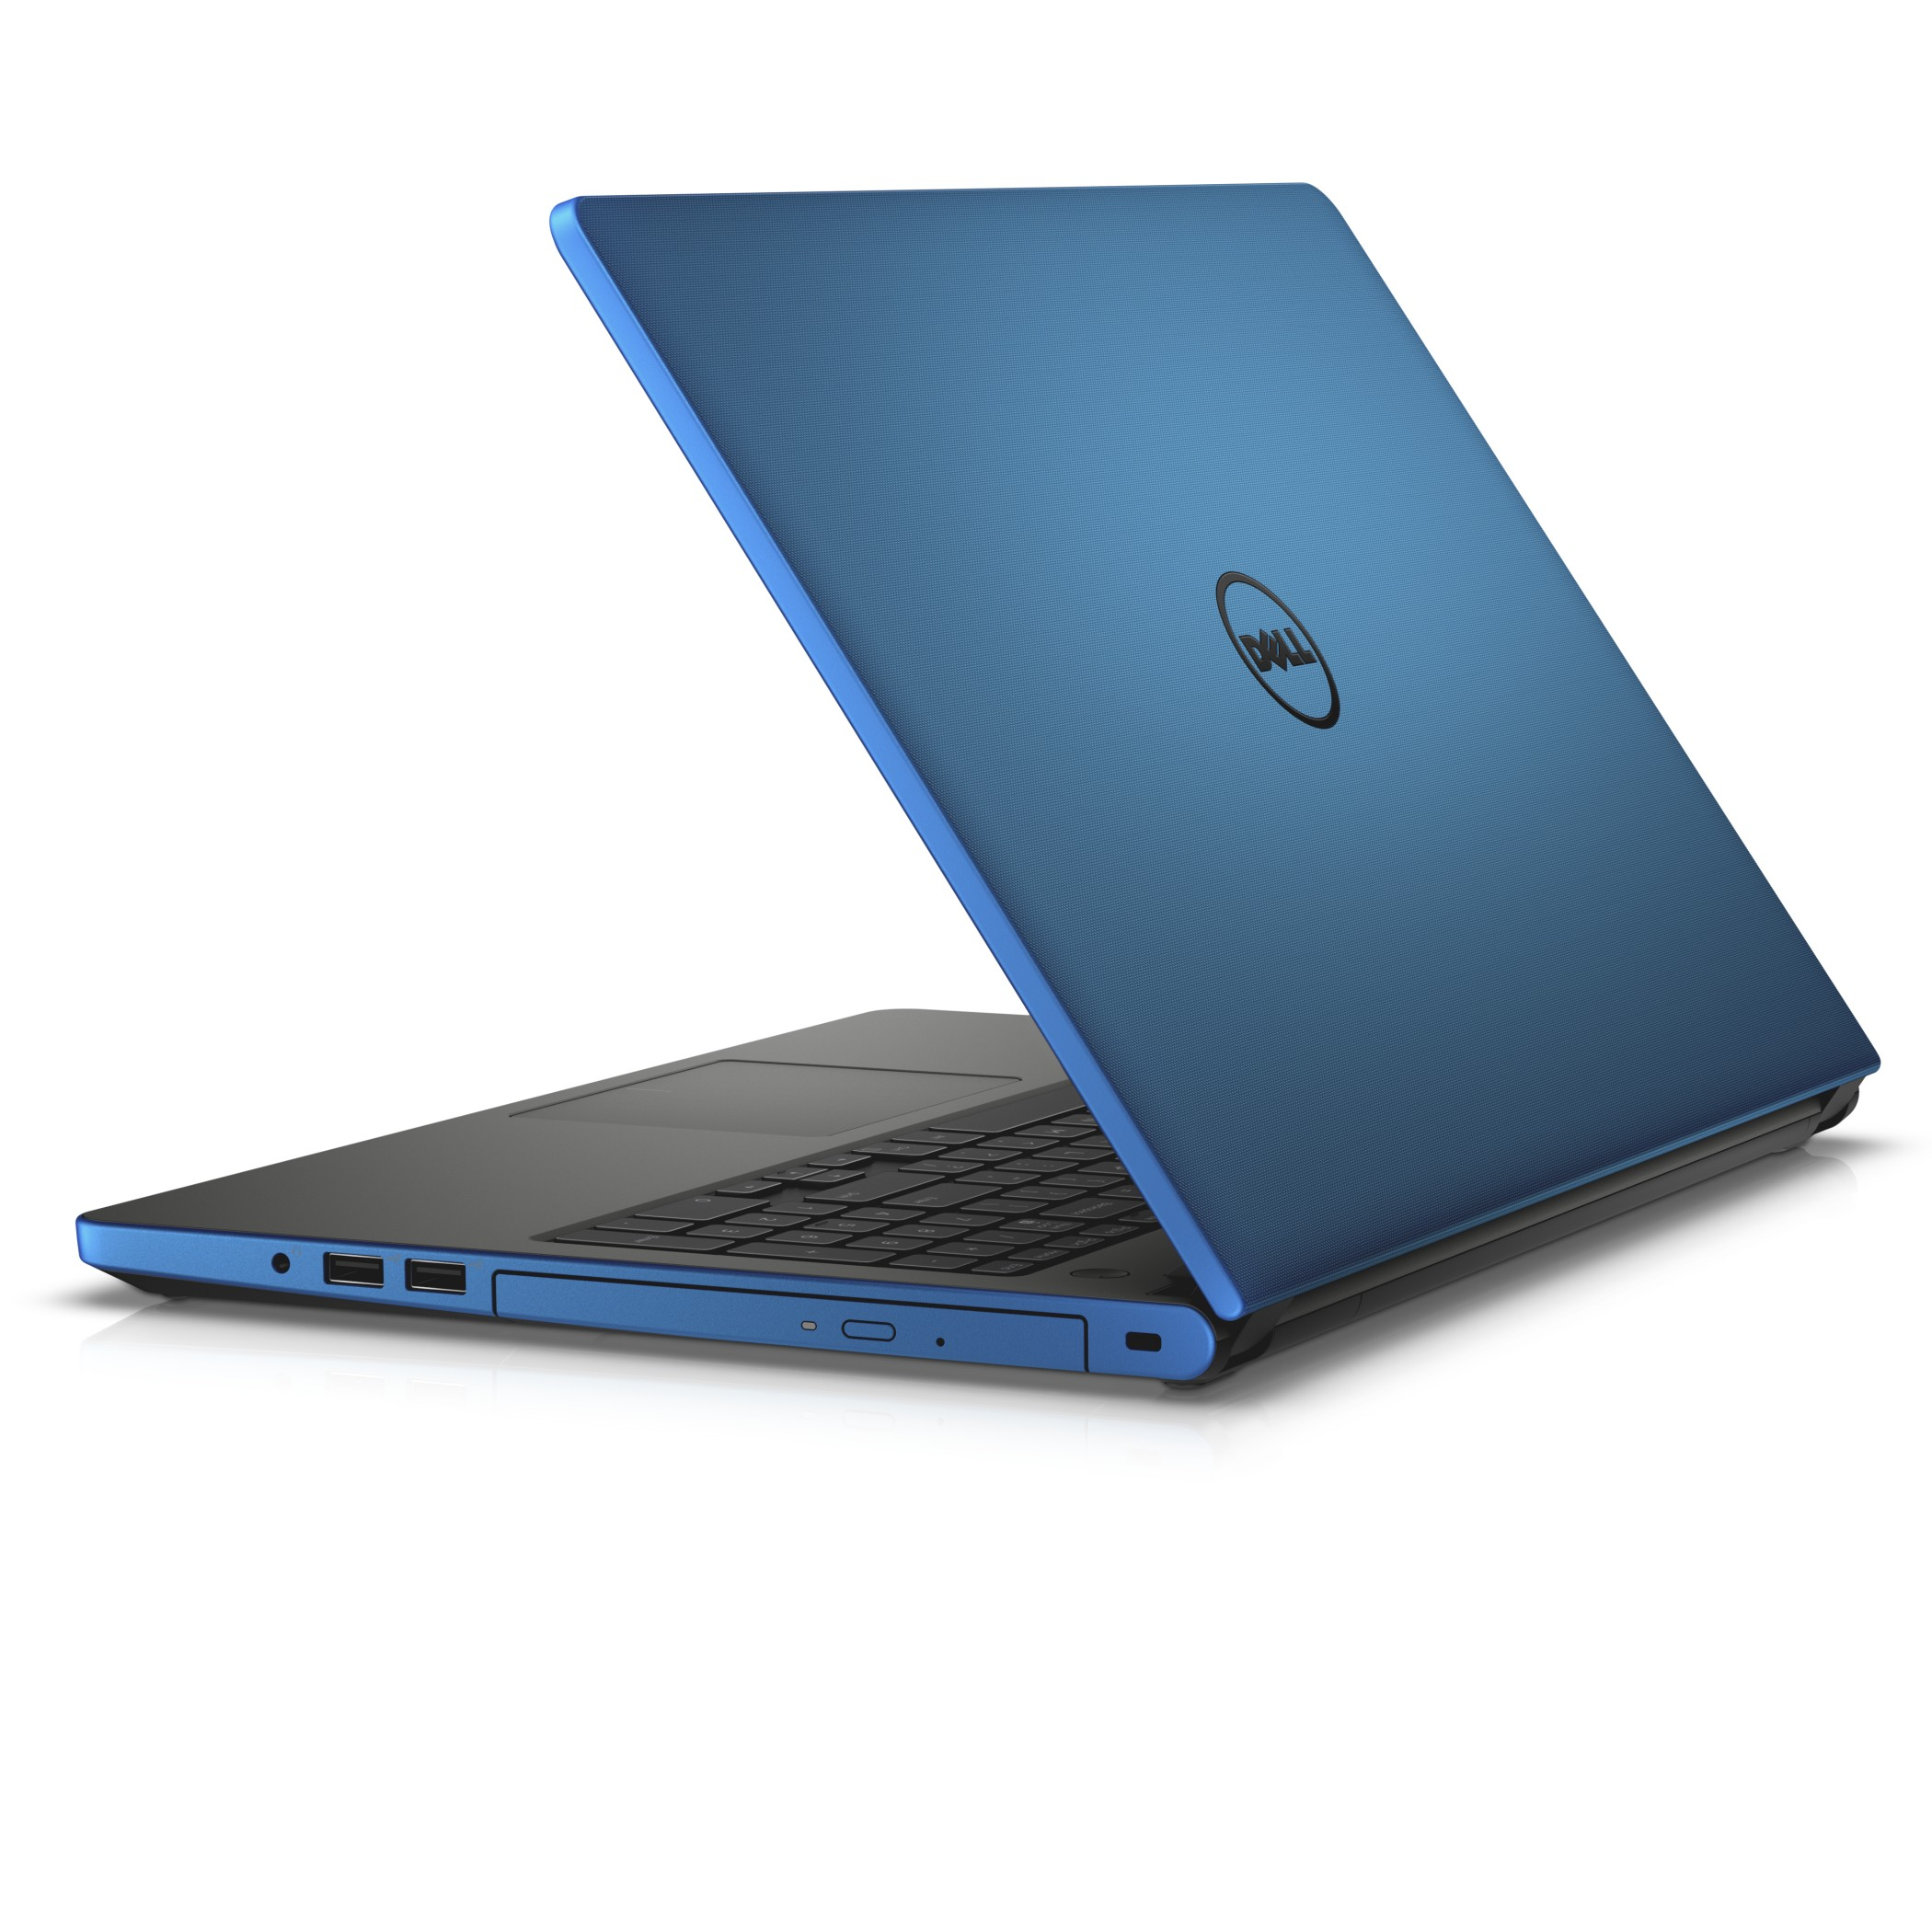 """Dell Inspiron 15 5558 15.6"""" HD i3-5005U/4GB/1TB/920M/HDMI/USB/RJ45/WIFI/BT/MCR/W10/2NBD/Modrý matný"""